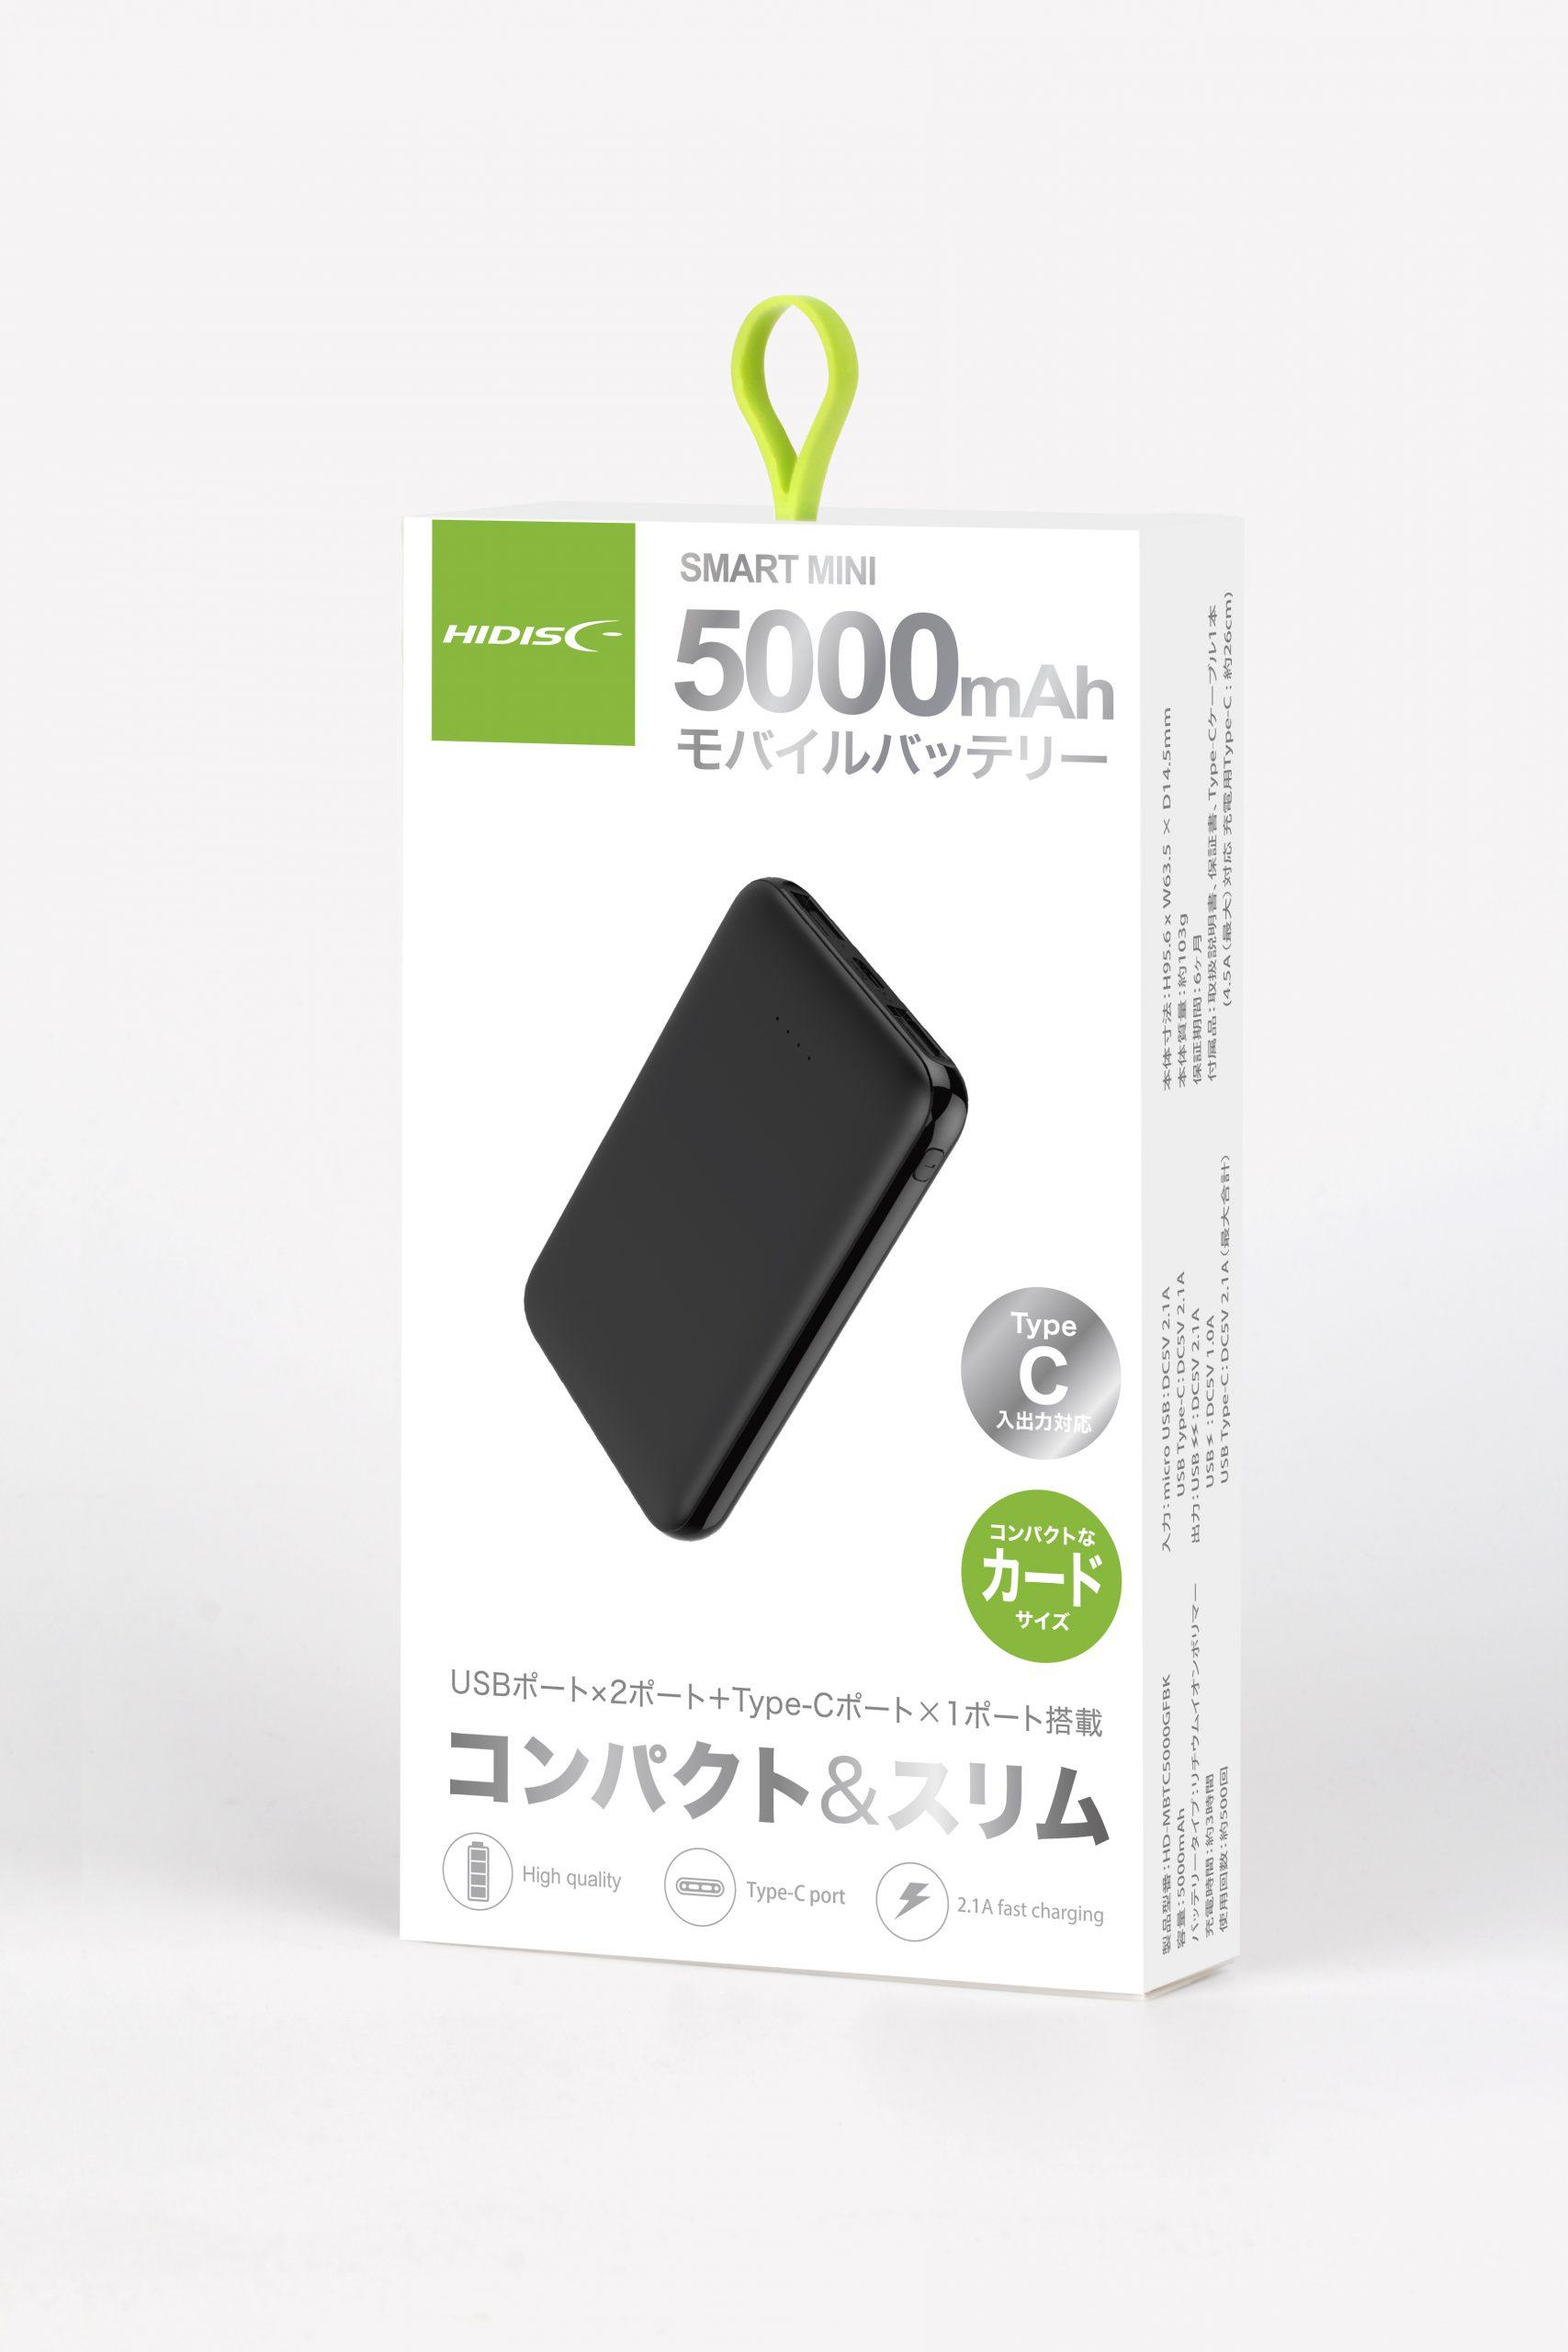 HIDISC SMART MINI Type-C入出力対応モバイルバッテリー5000mAh ブラック HD-MBTC5000GFBK